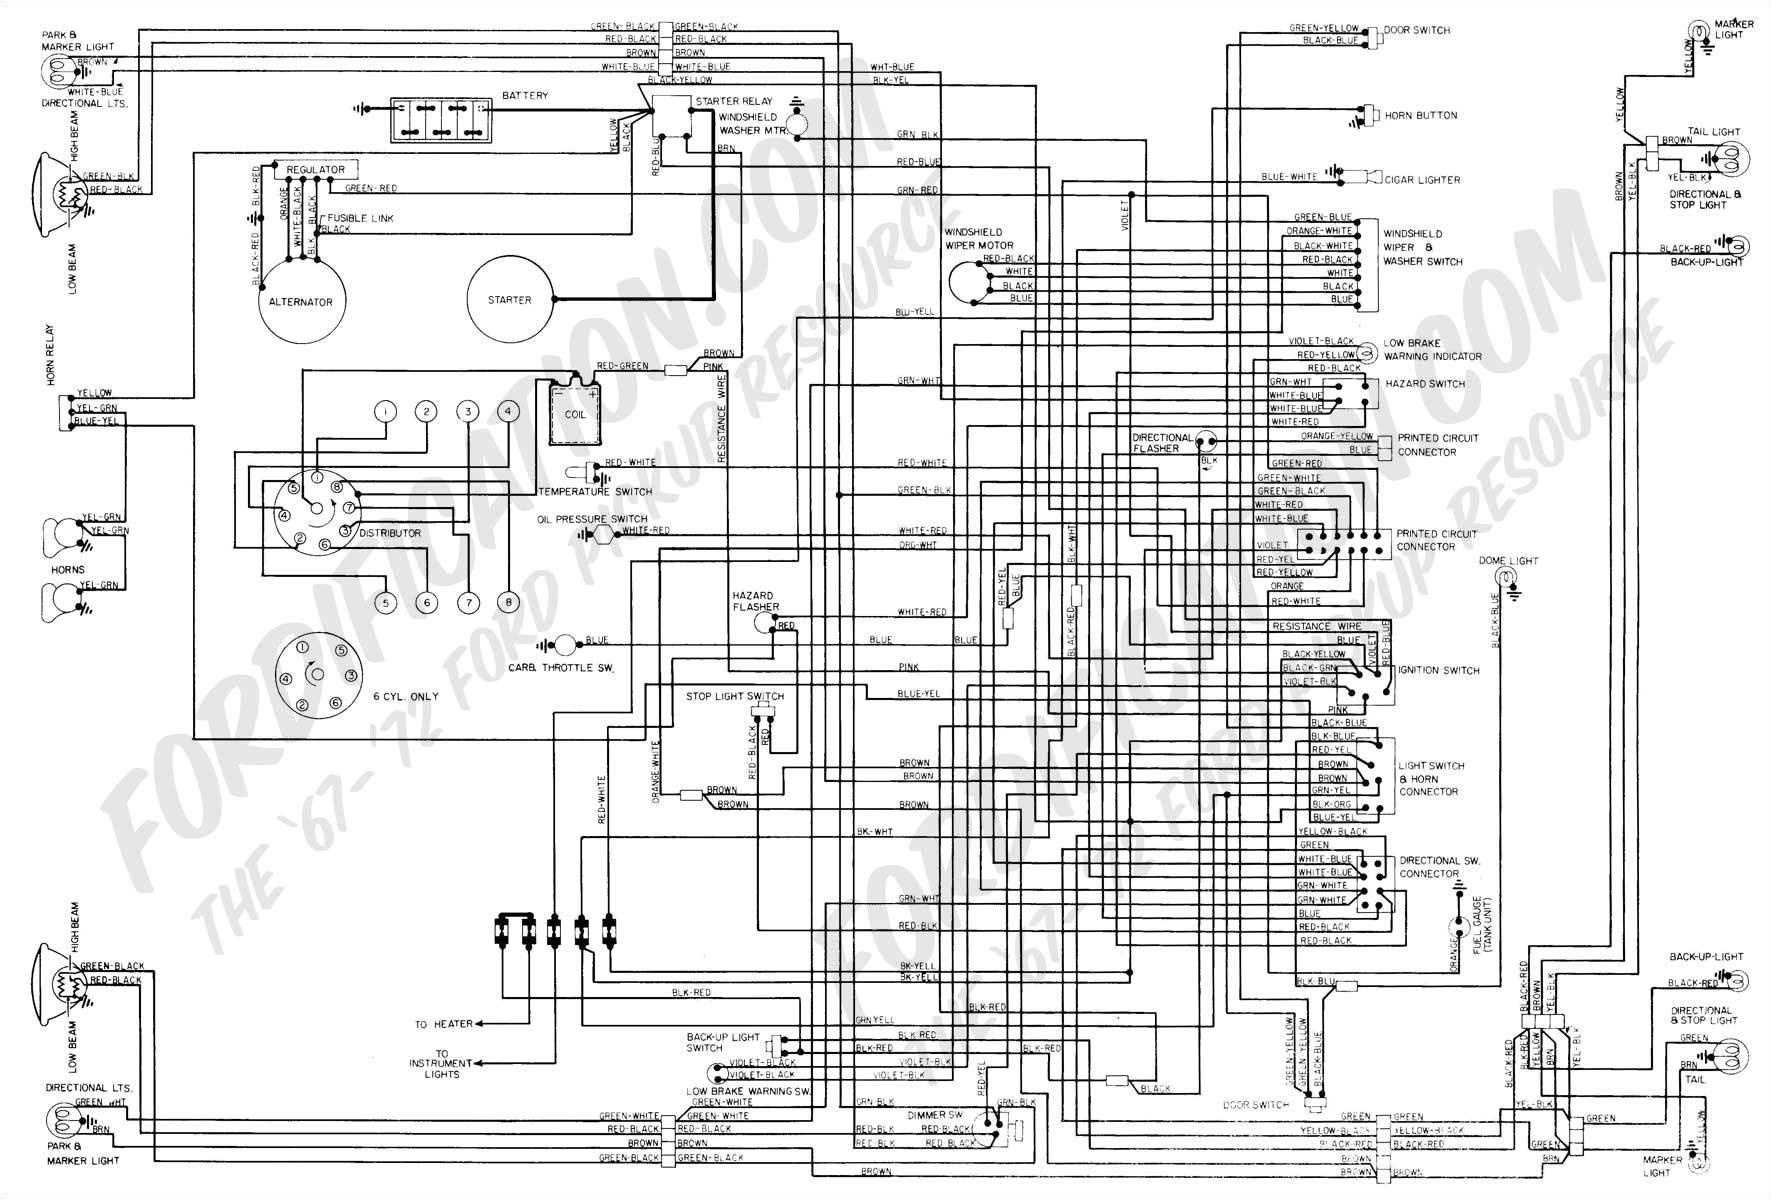 2013 F150 Wiring Diagram 2013 F 150 Wiring Diagram Wiring Diagram Database